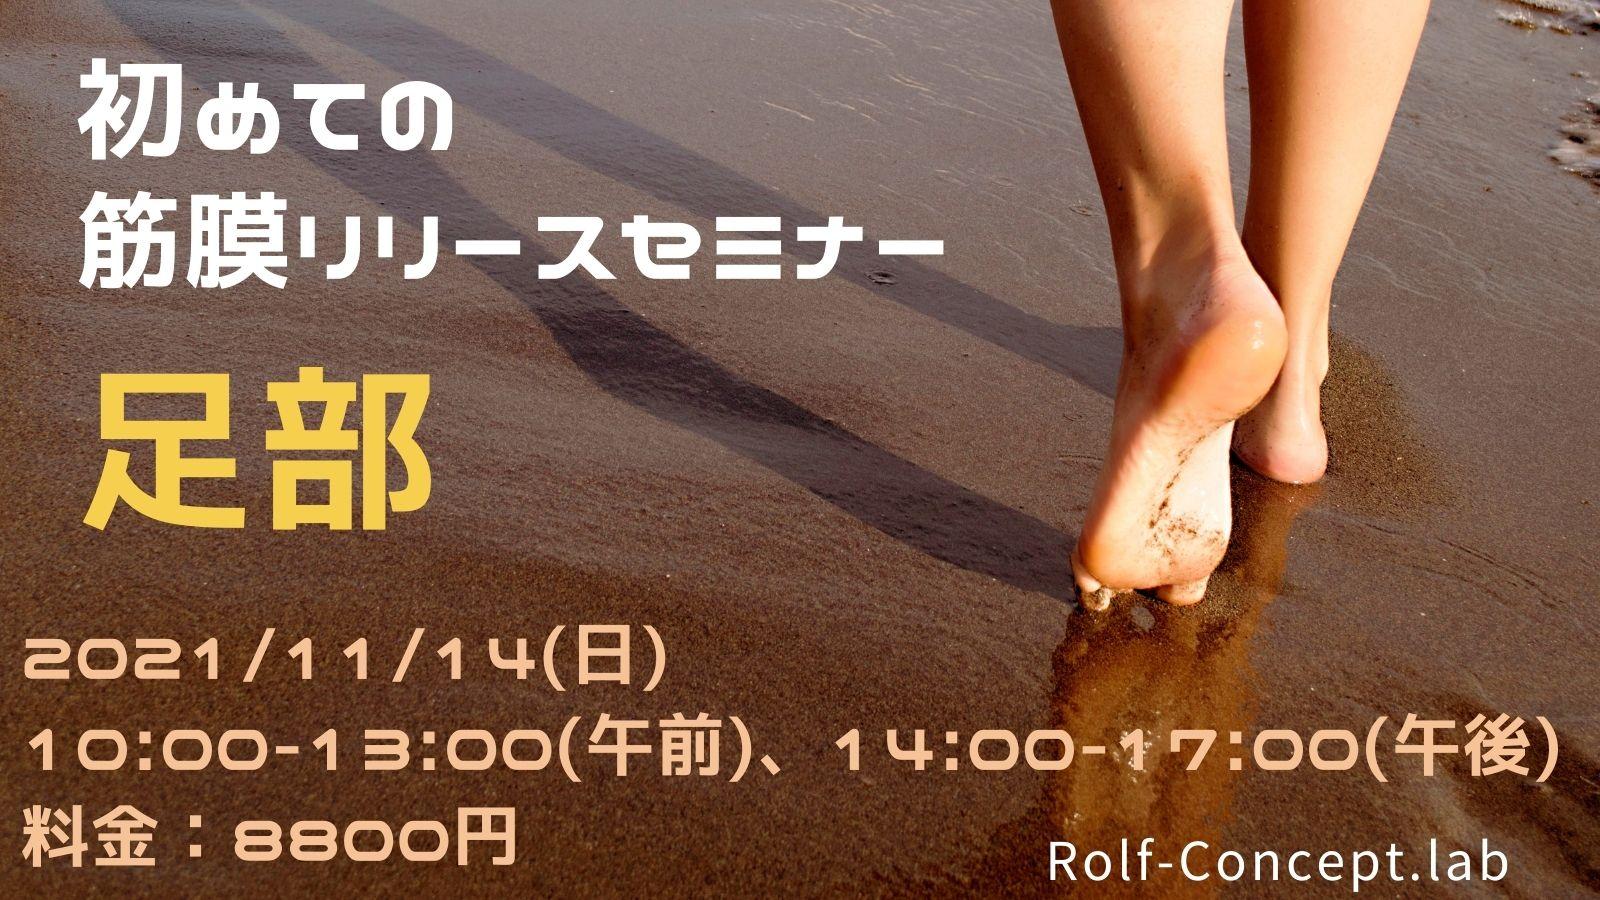 2021/11/14(日) 初めての筋膜リリースセミナー 足部 in東京